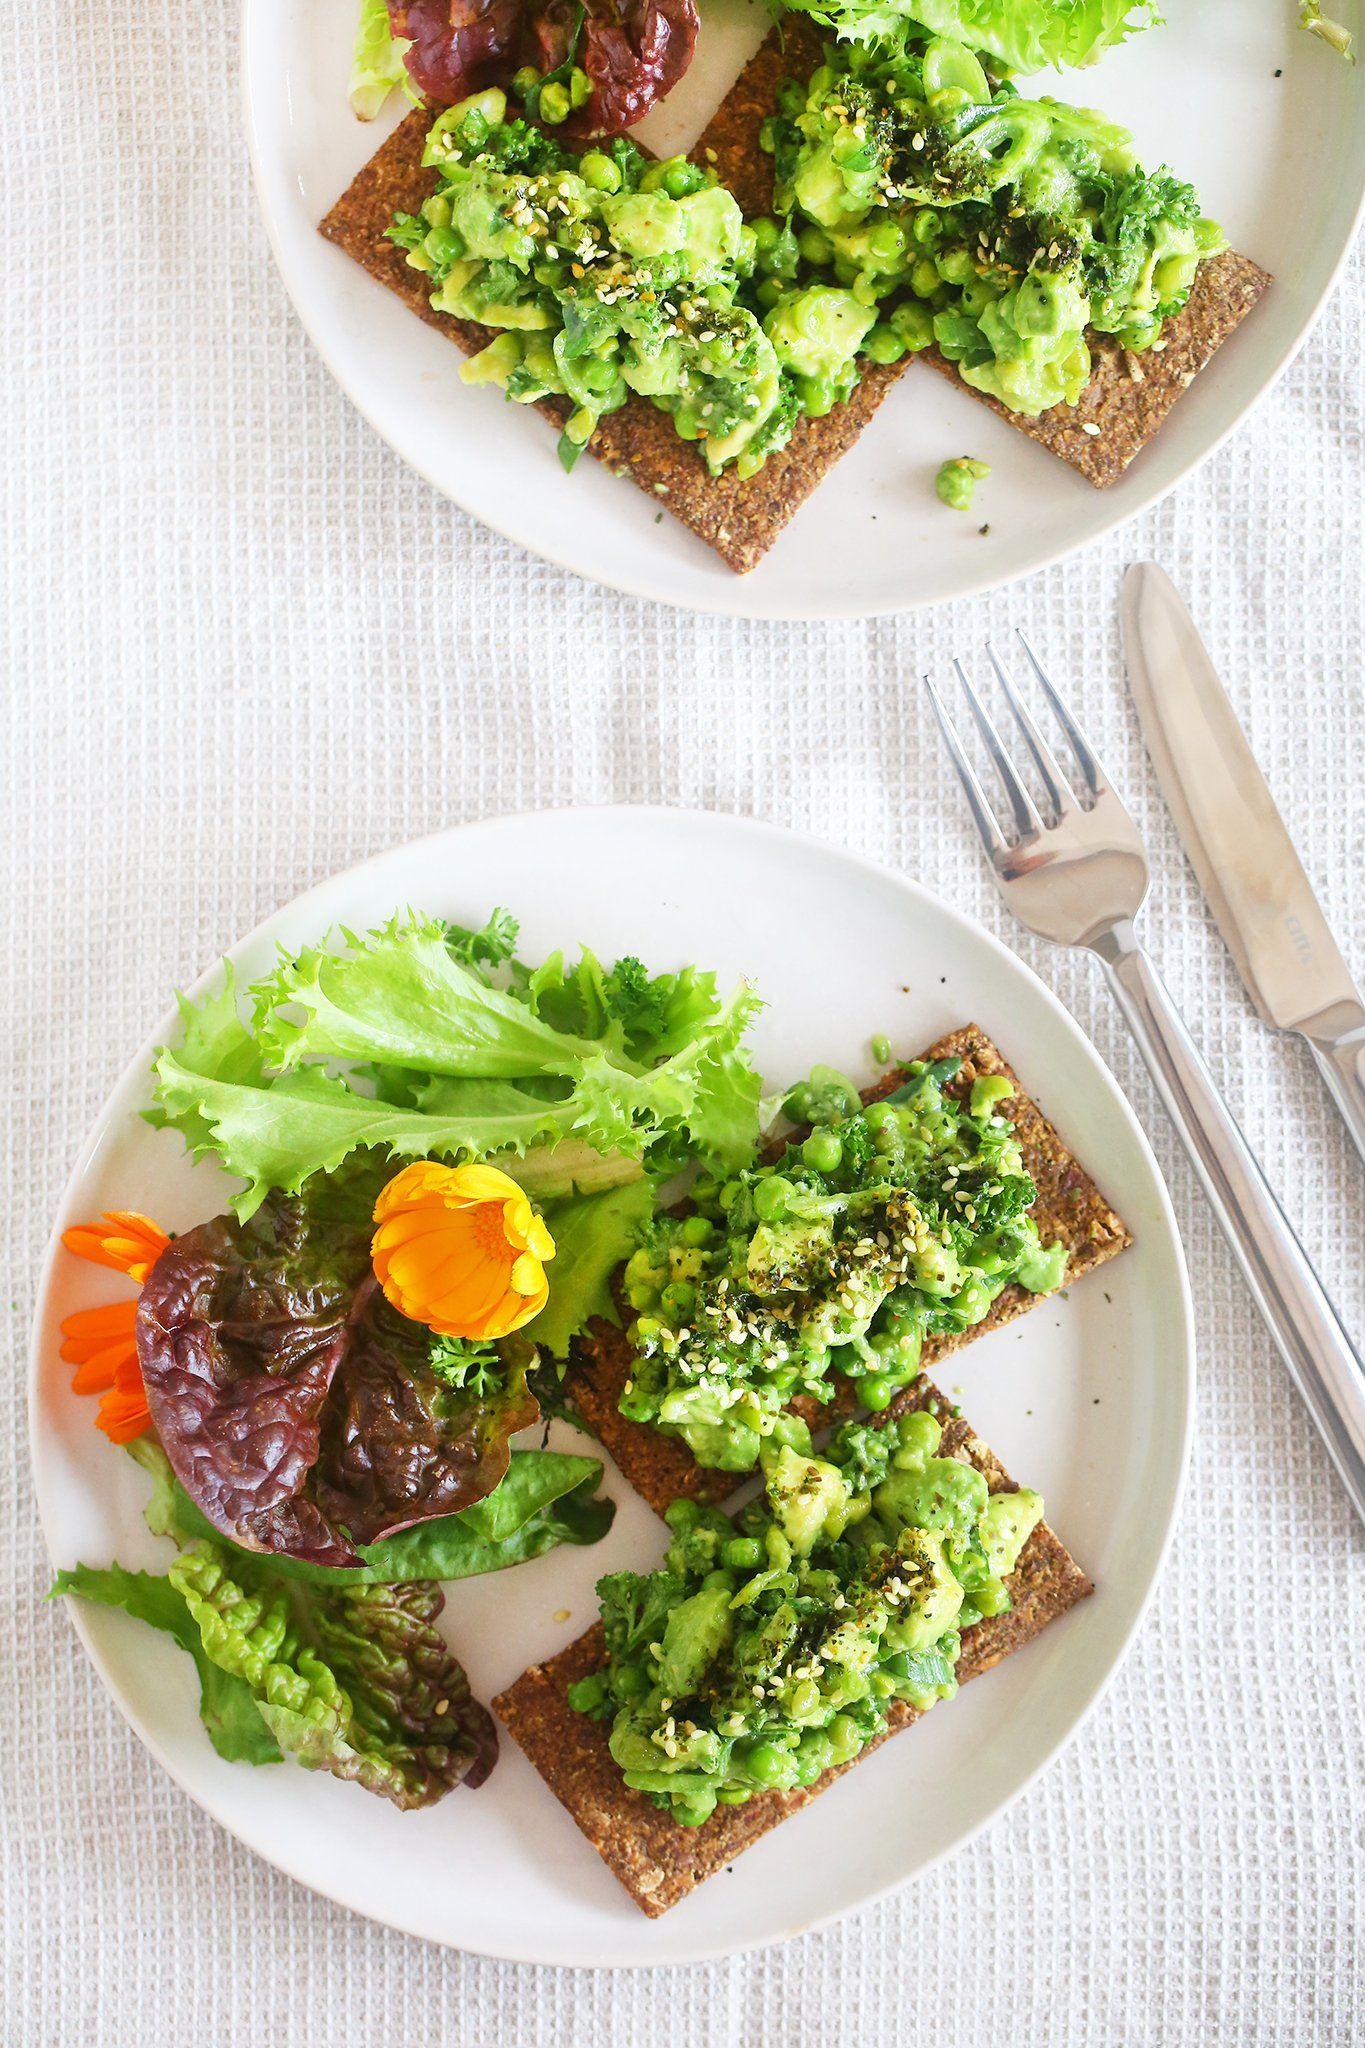 Die beste jemals Avocado- und PEA SMASH!  - Einfache, nur 10 Minuten, vegan, auf pflanzlicher Basis, milchfrei, gesund, glutenfrei, Mittagessen, Snack, Rezept, begoodorganics 1